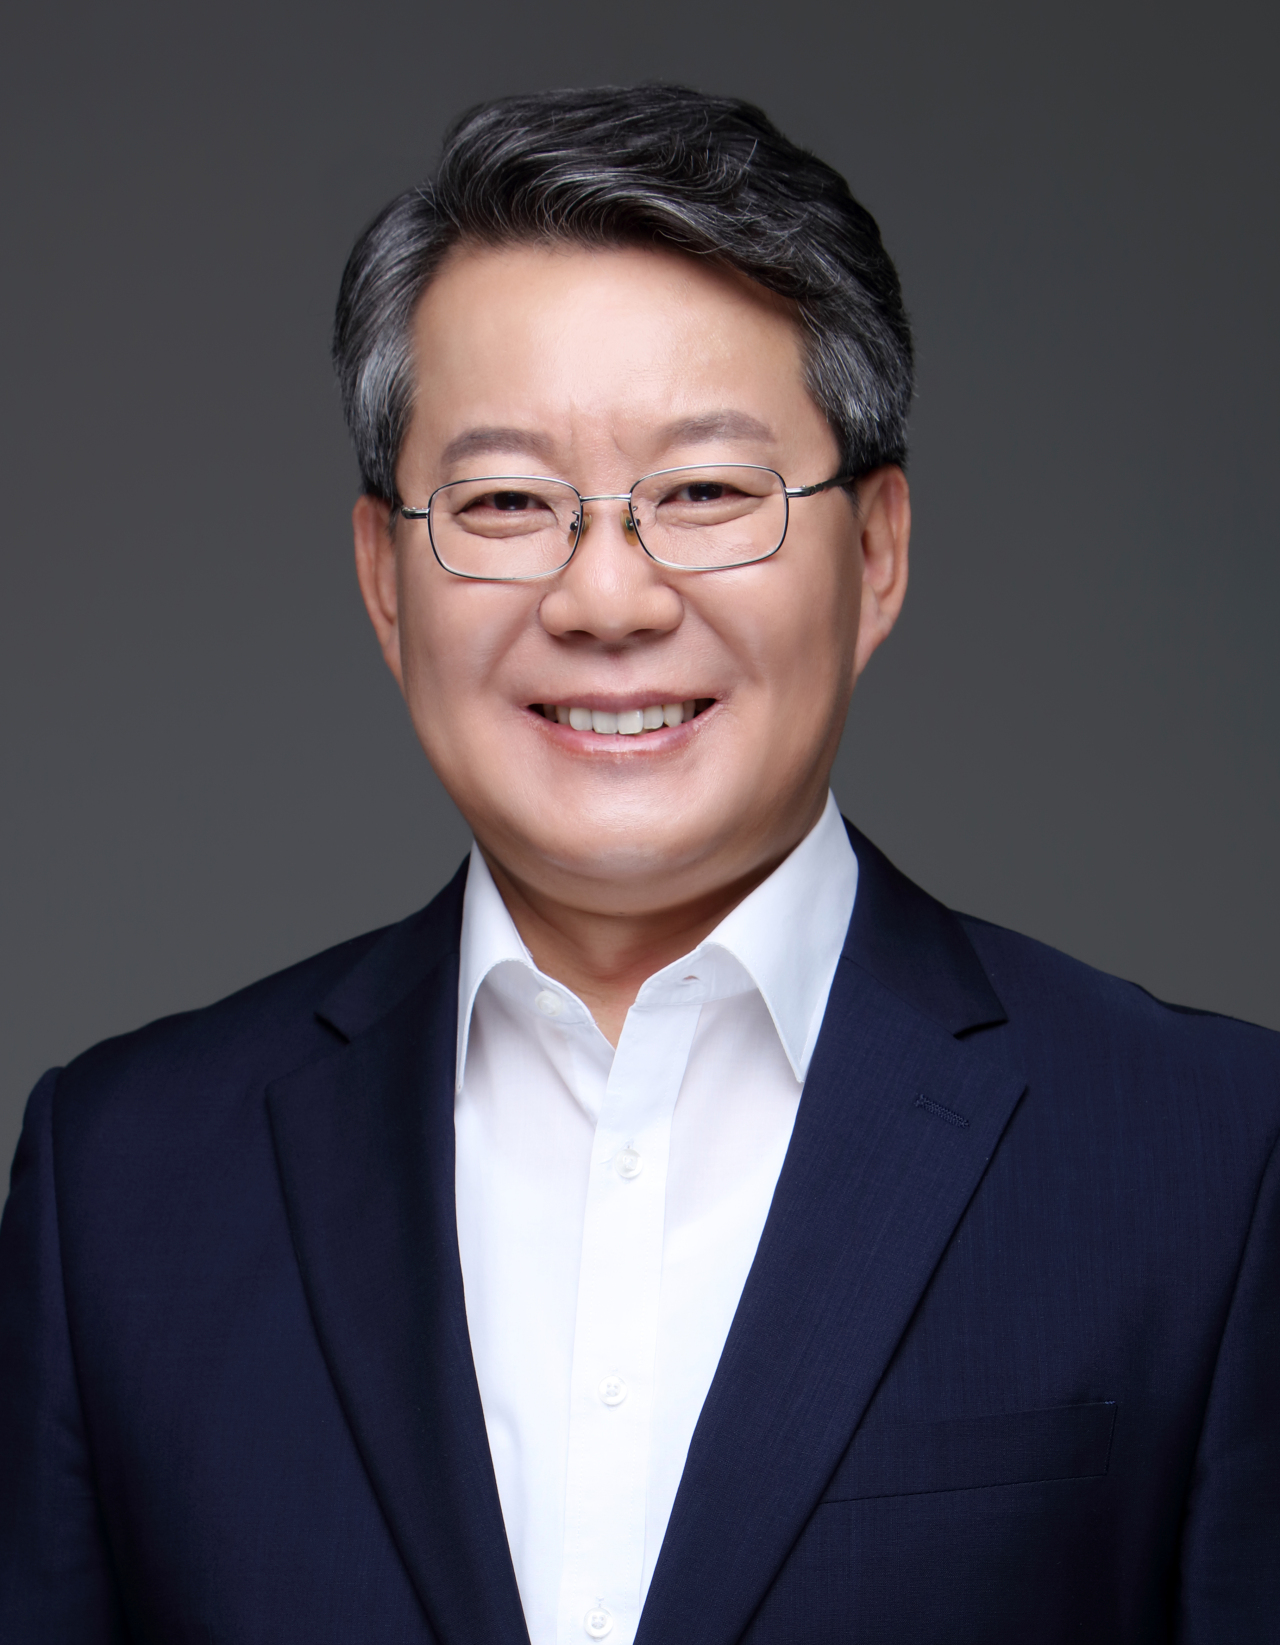 Byun Seong-wan